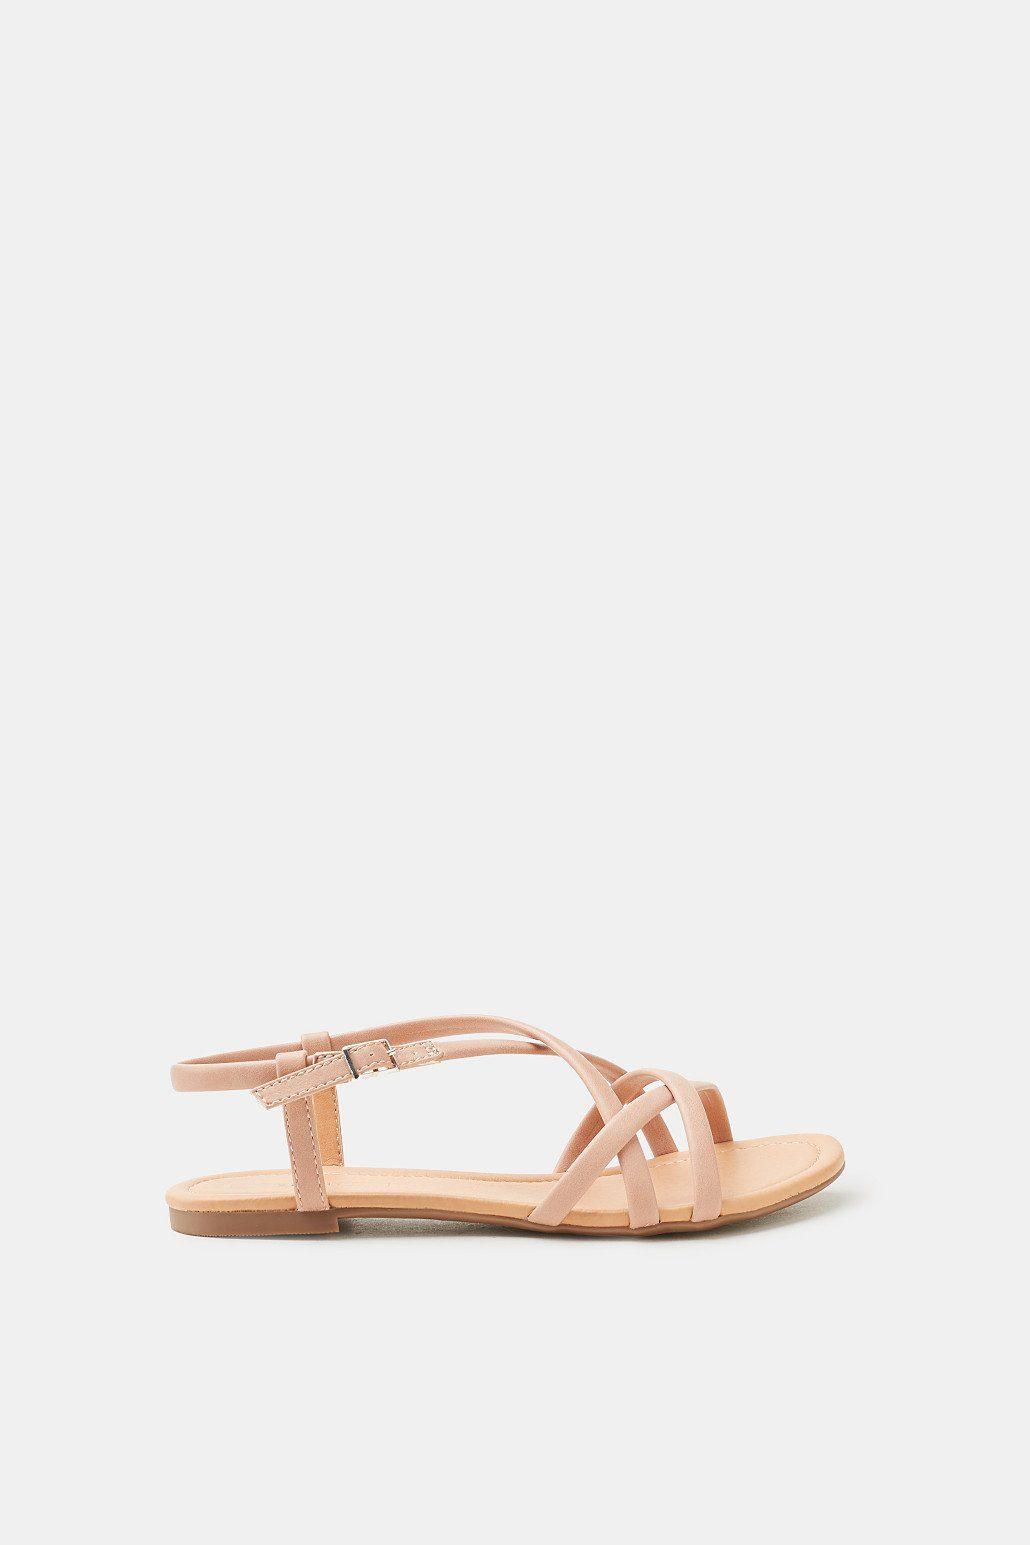 ESPRIT Flache Riemchen-Sandalette, VEGAN kaufen  NUDE